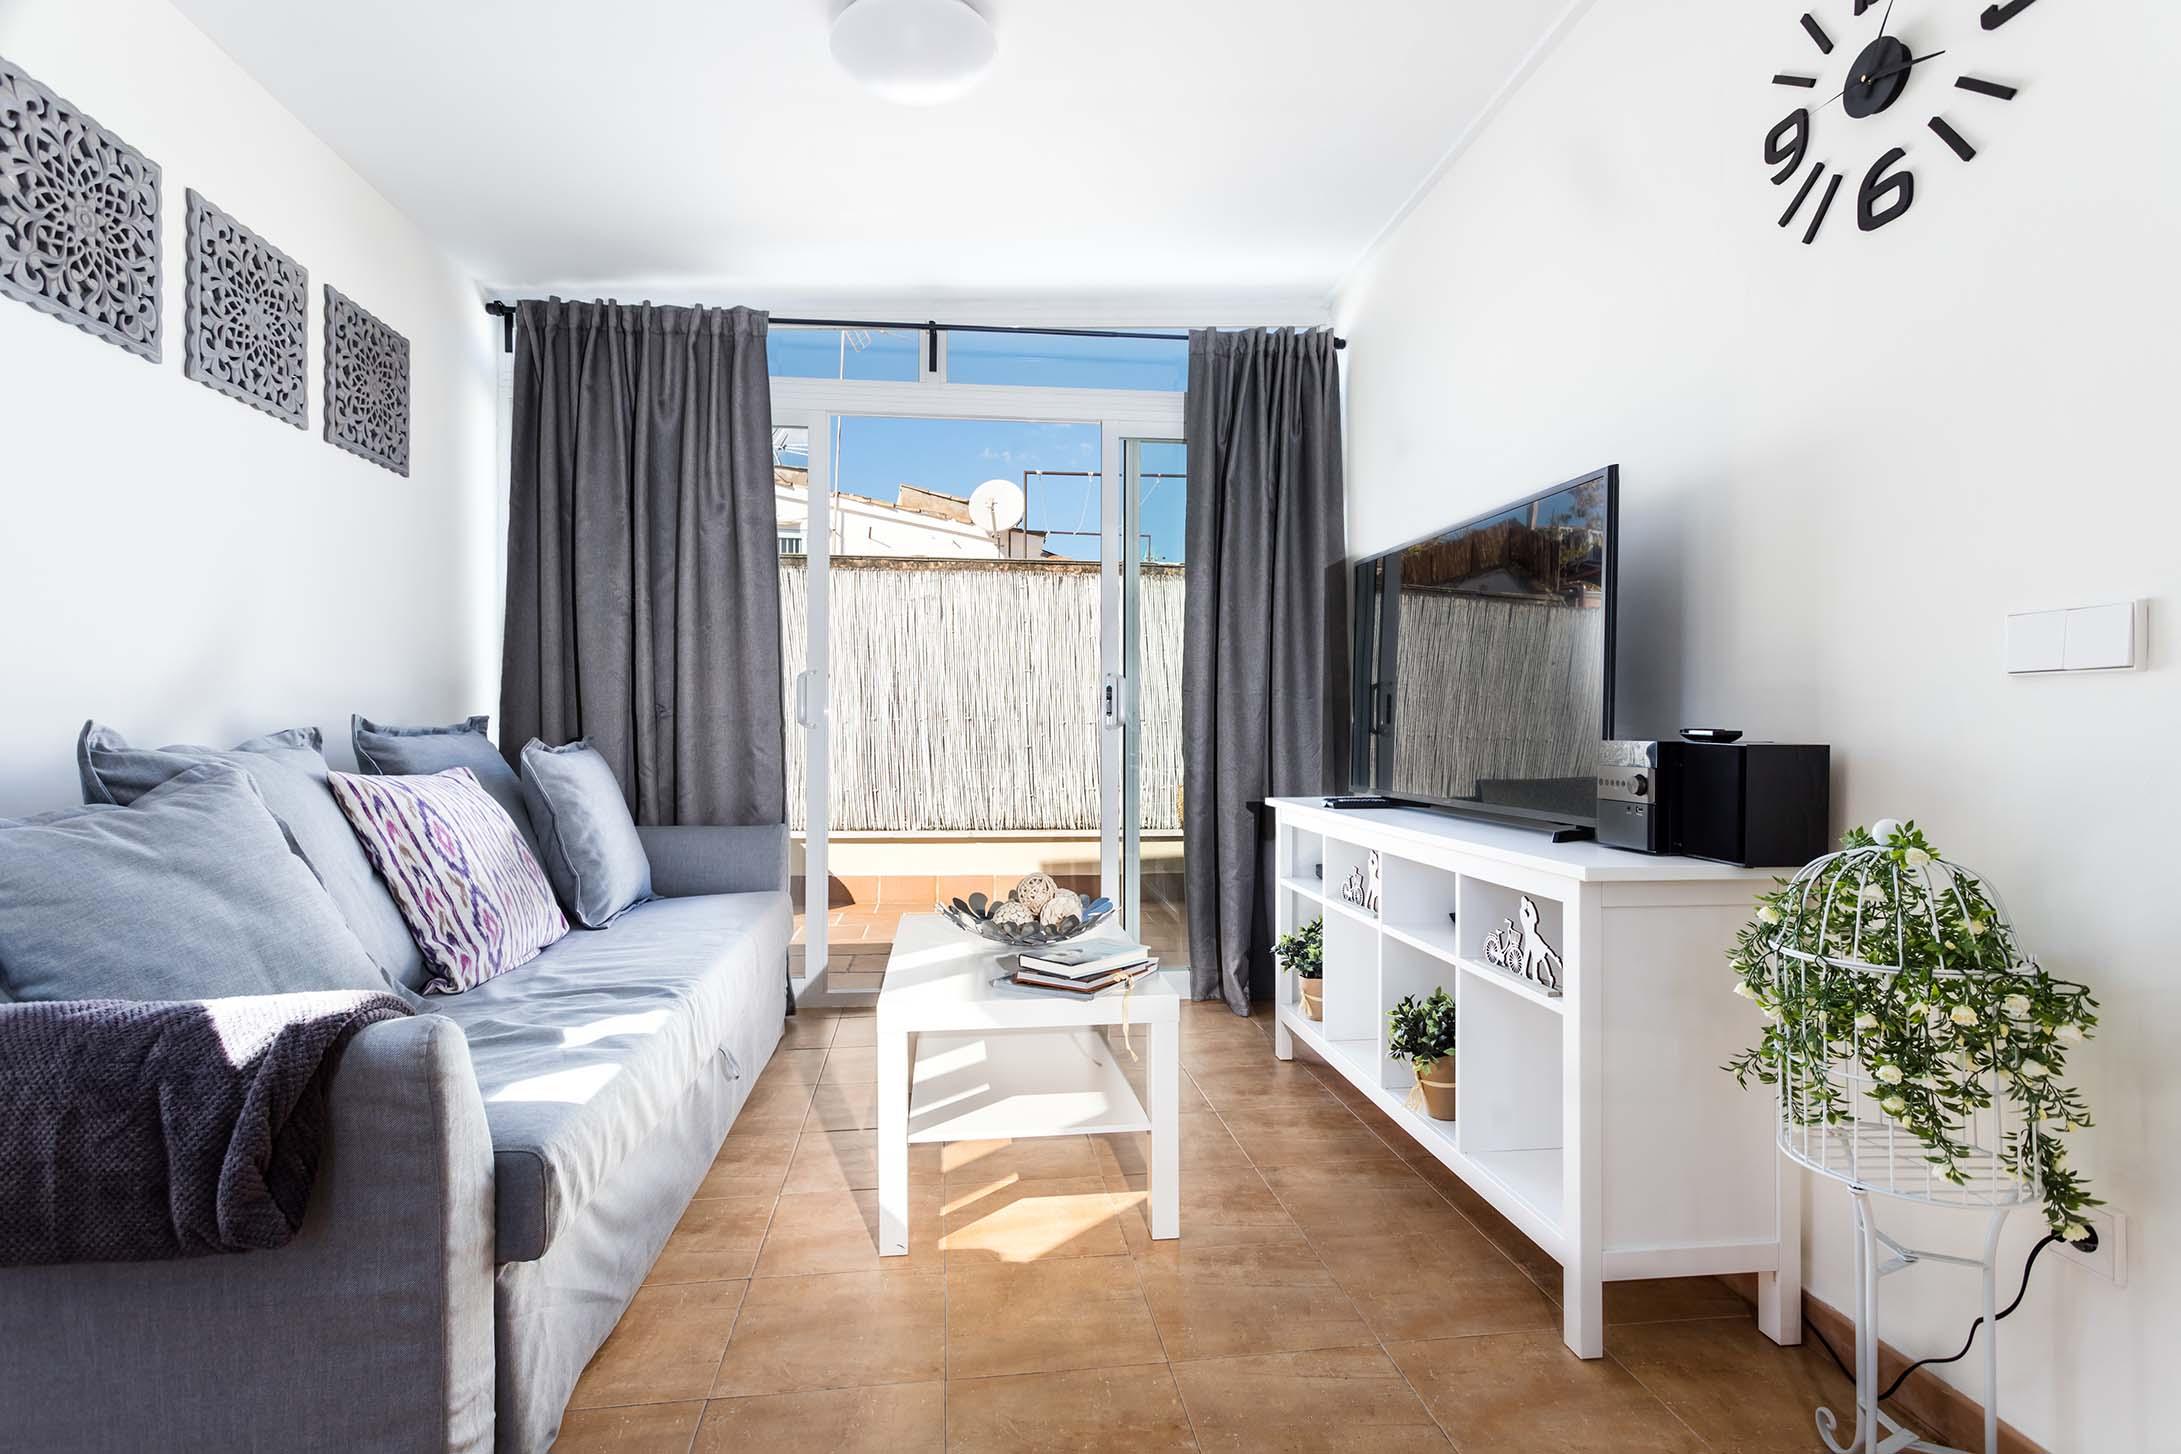 Mallorca-Suites-Apartamento-Superior-Terraza-Alquiler-Palma-de-Mallorca-Zona-de-estar